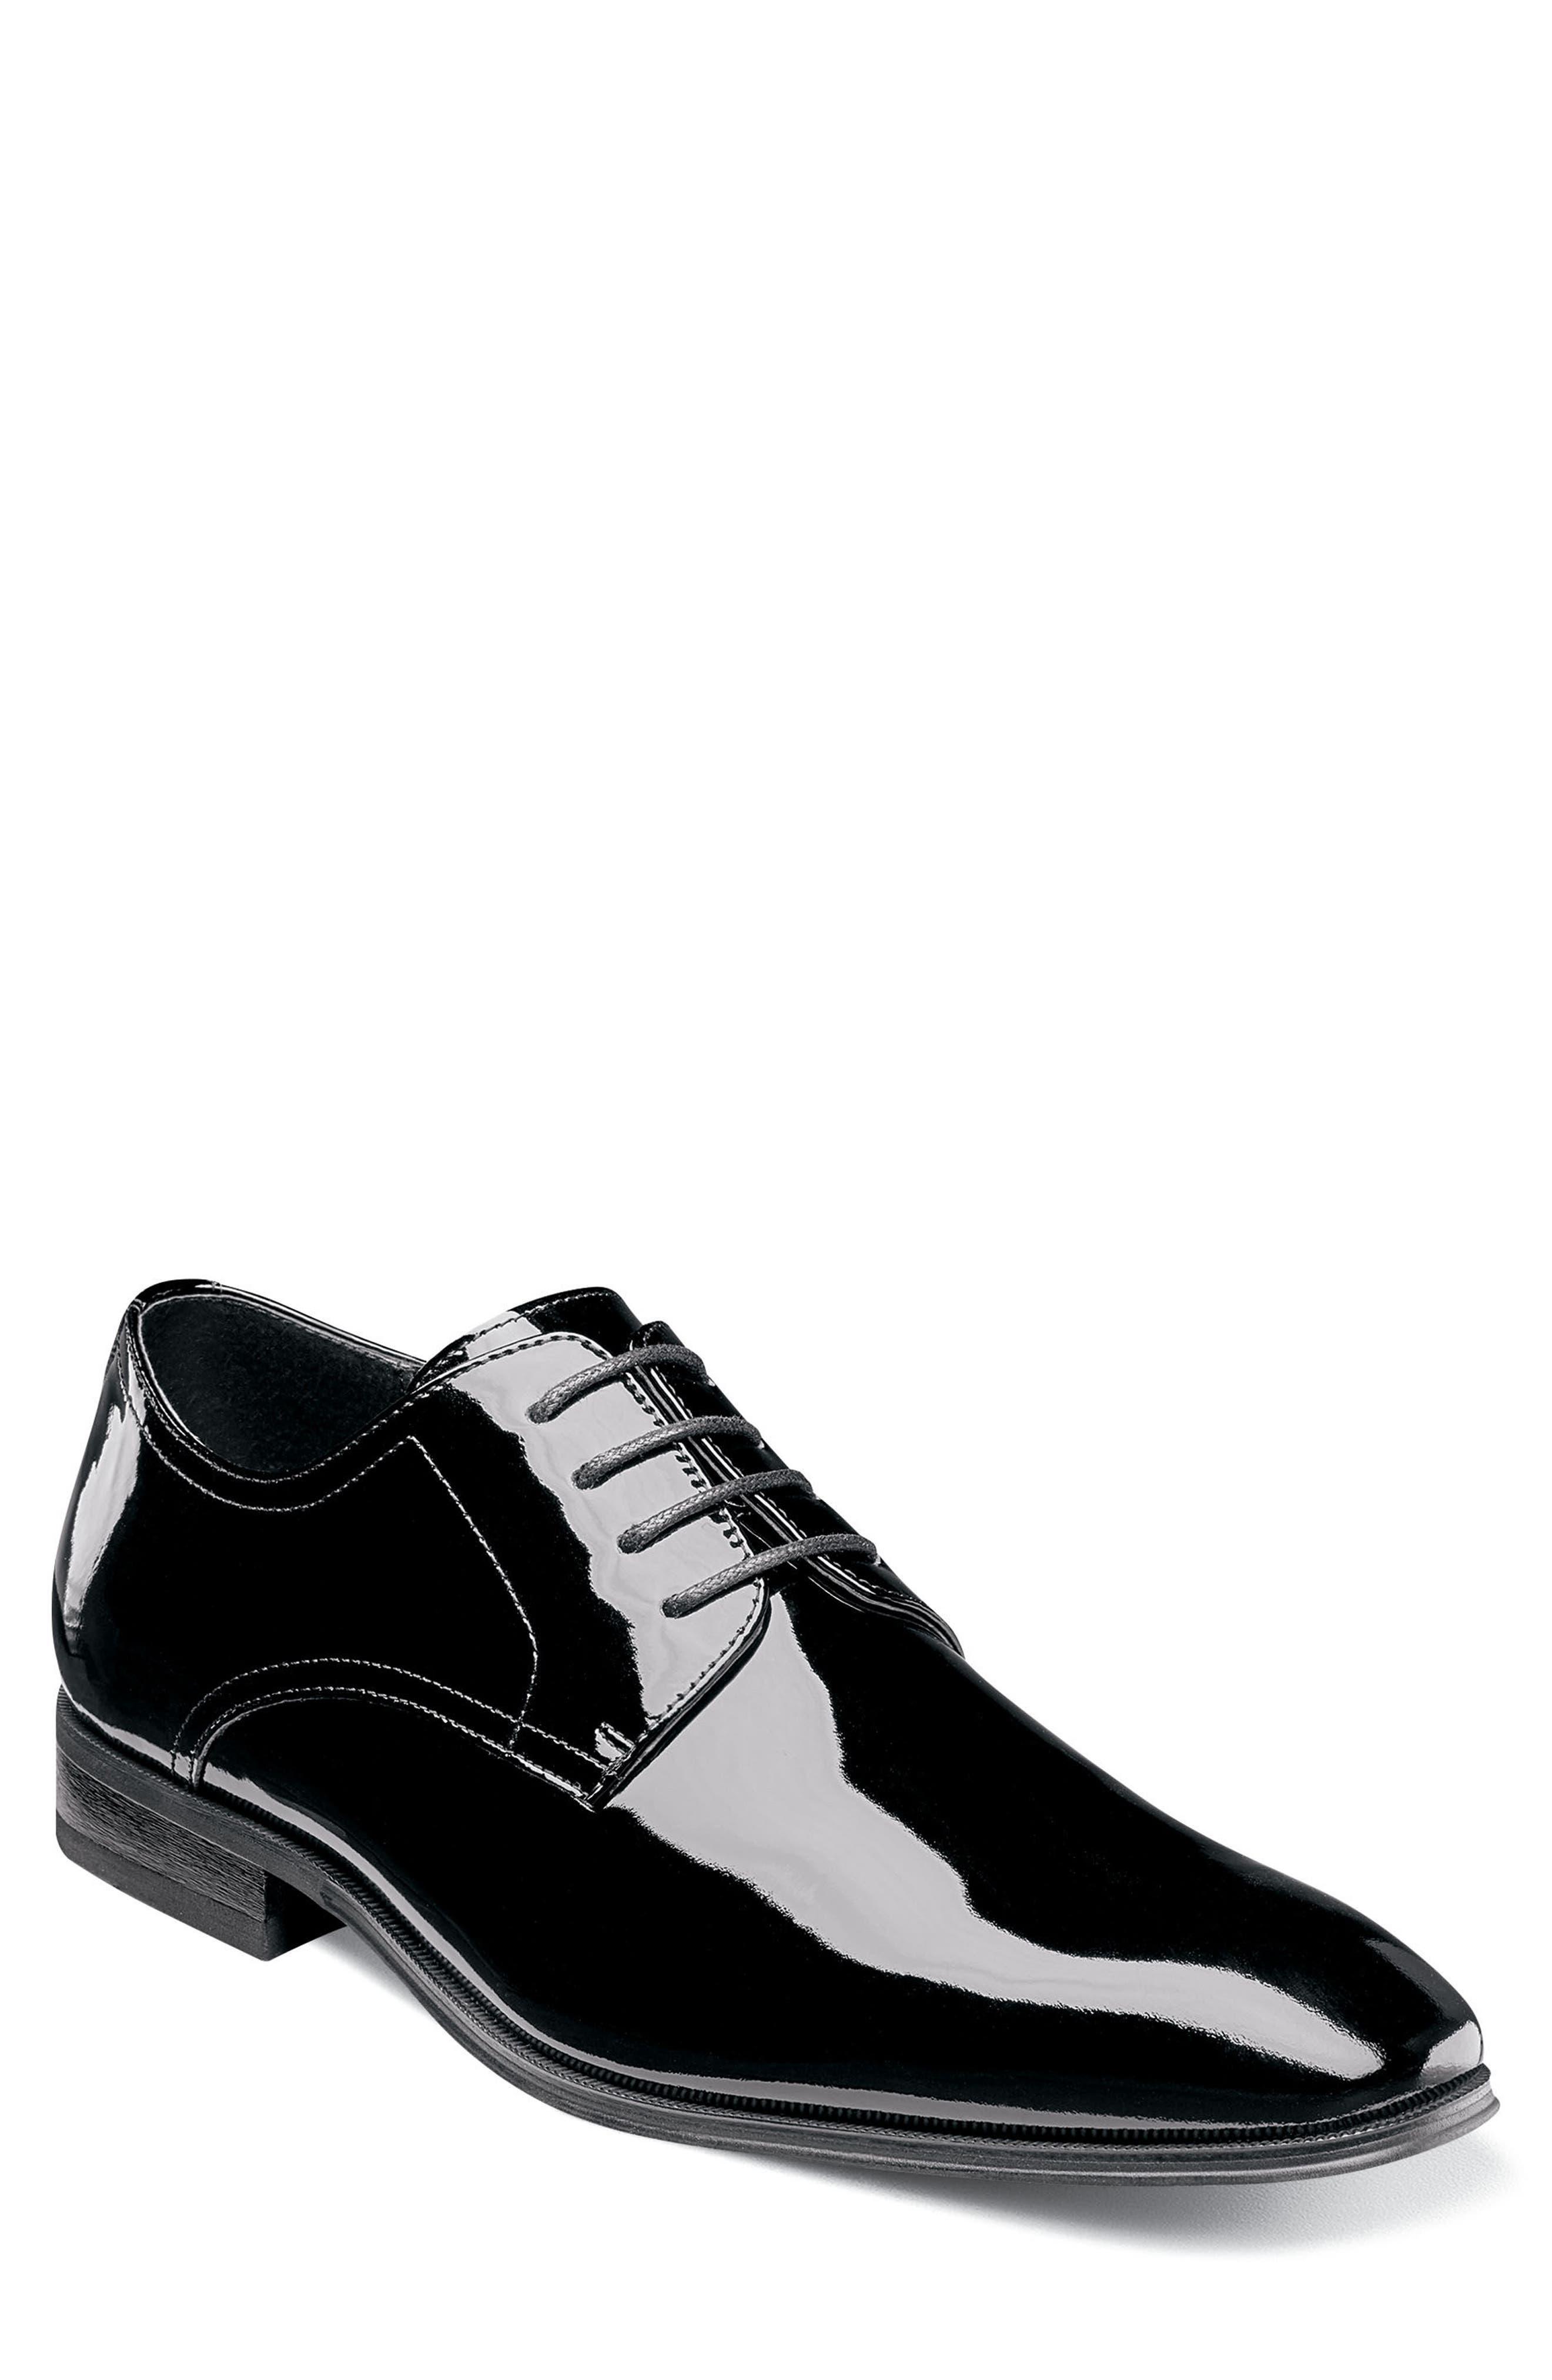 florsheim shoes 16 eeee slippers for men